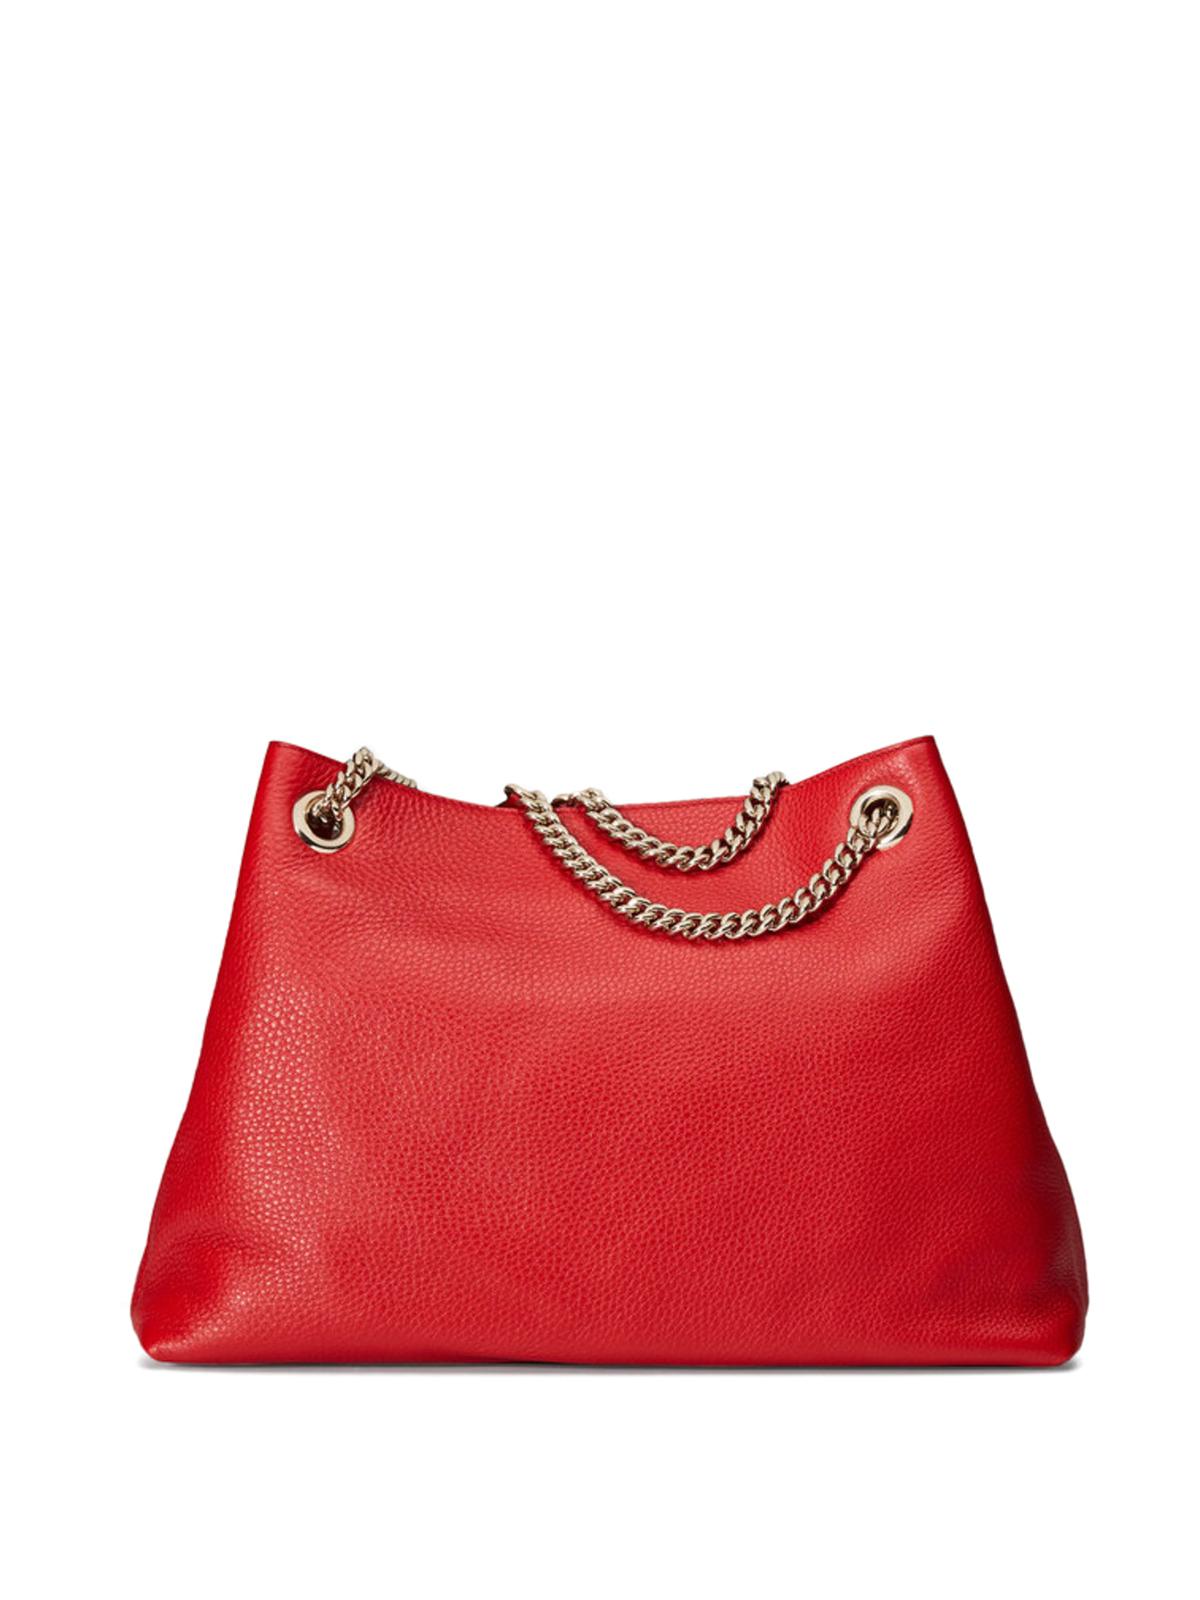 42080633dc13 iKRIX GUCCI  shoulder bags - Soho medium leather shoulder bag